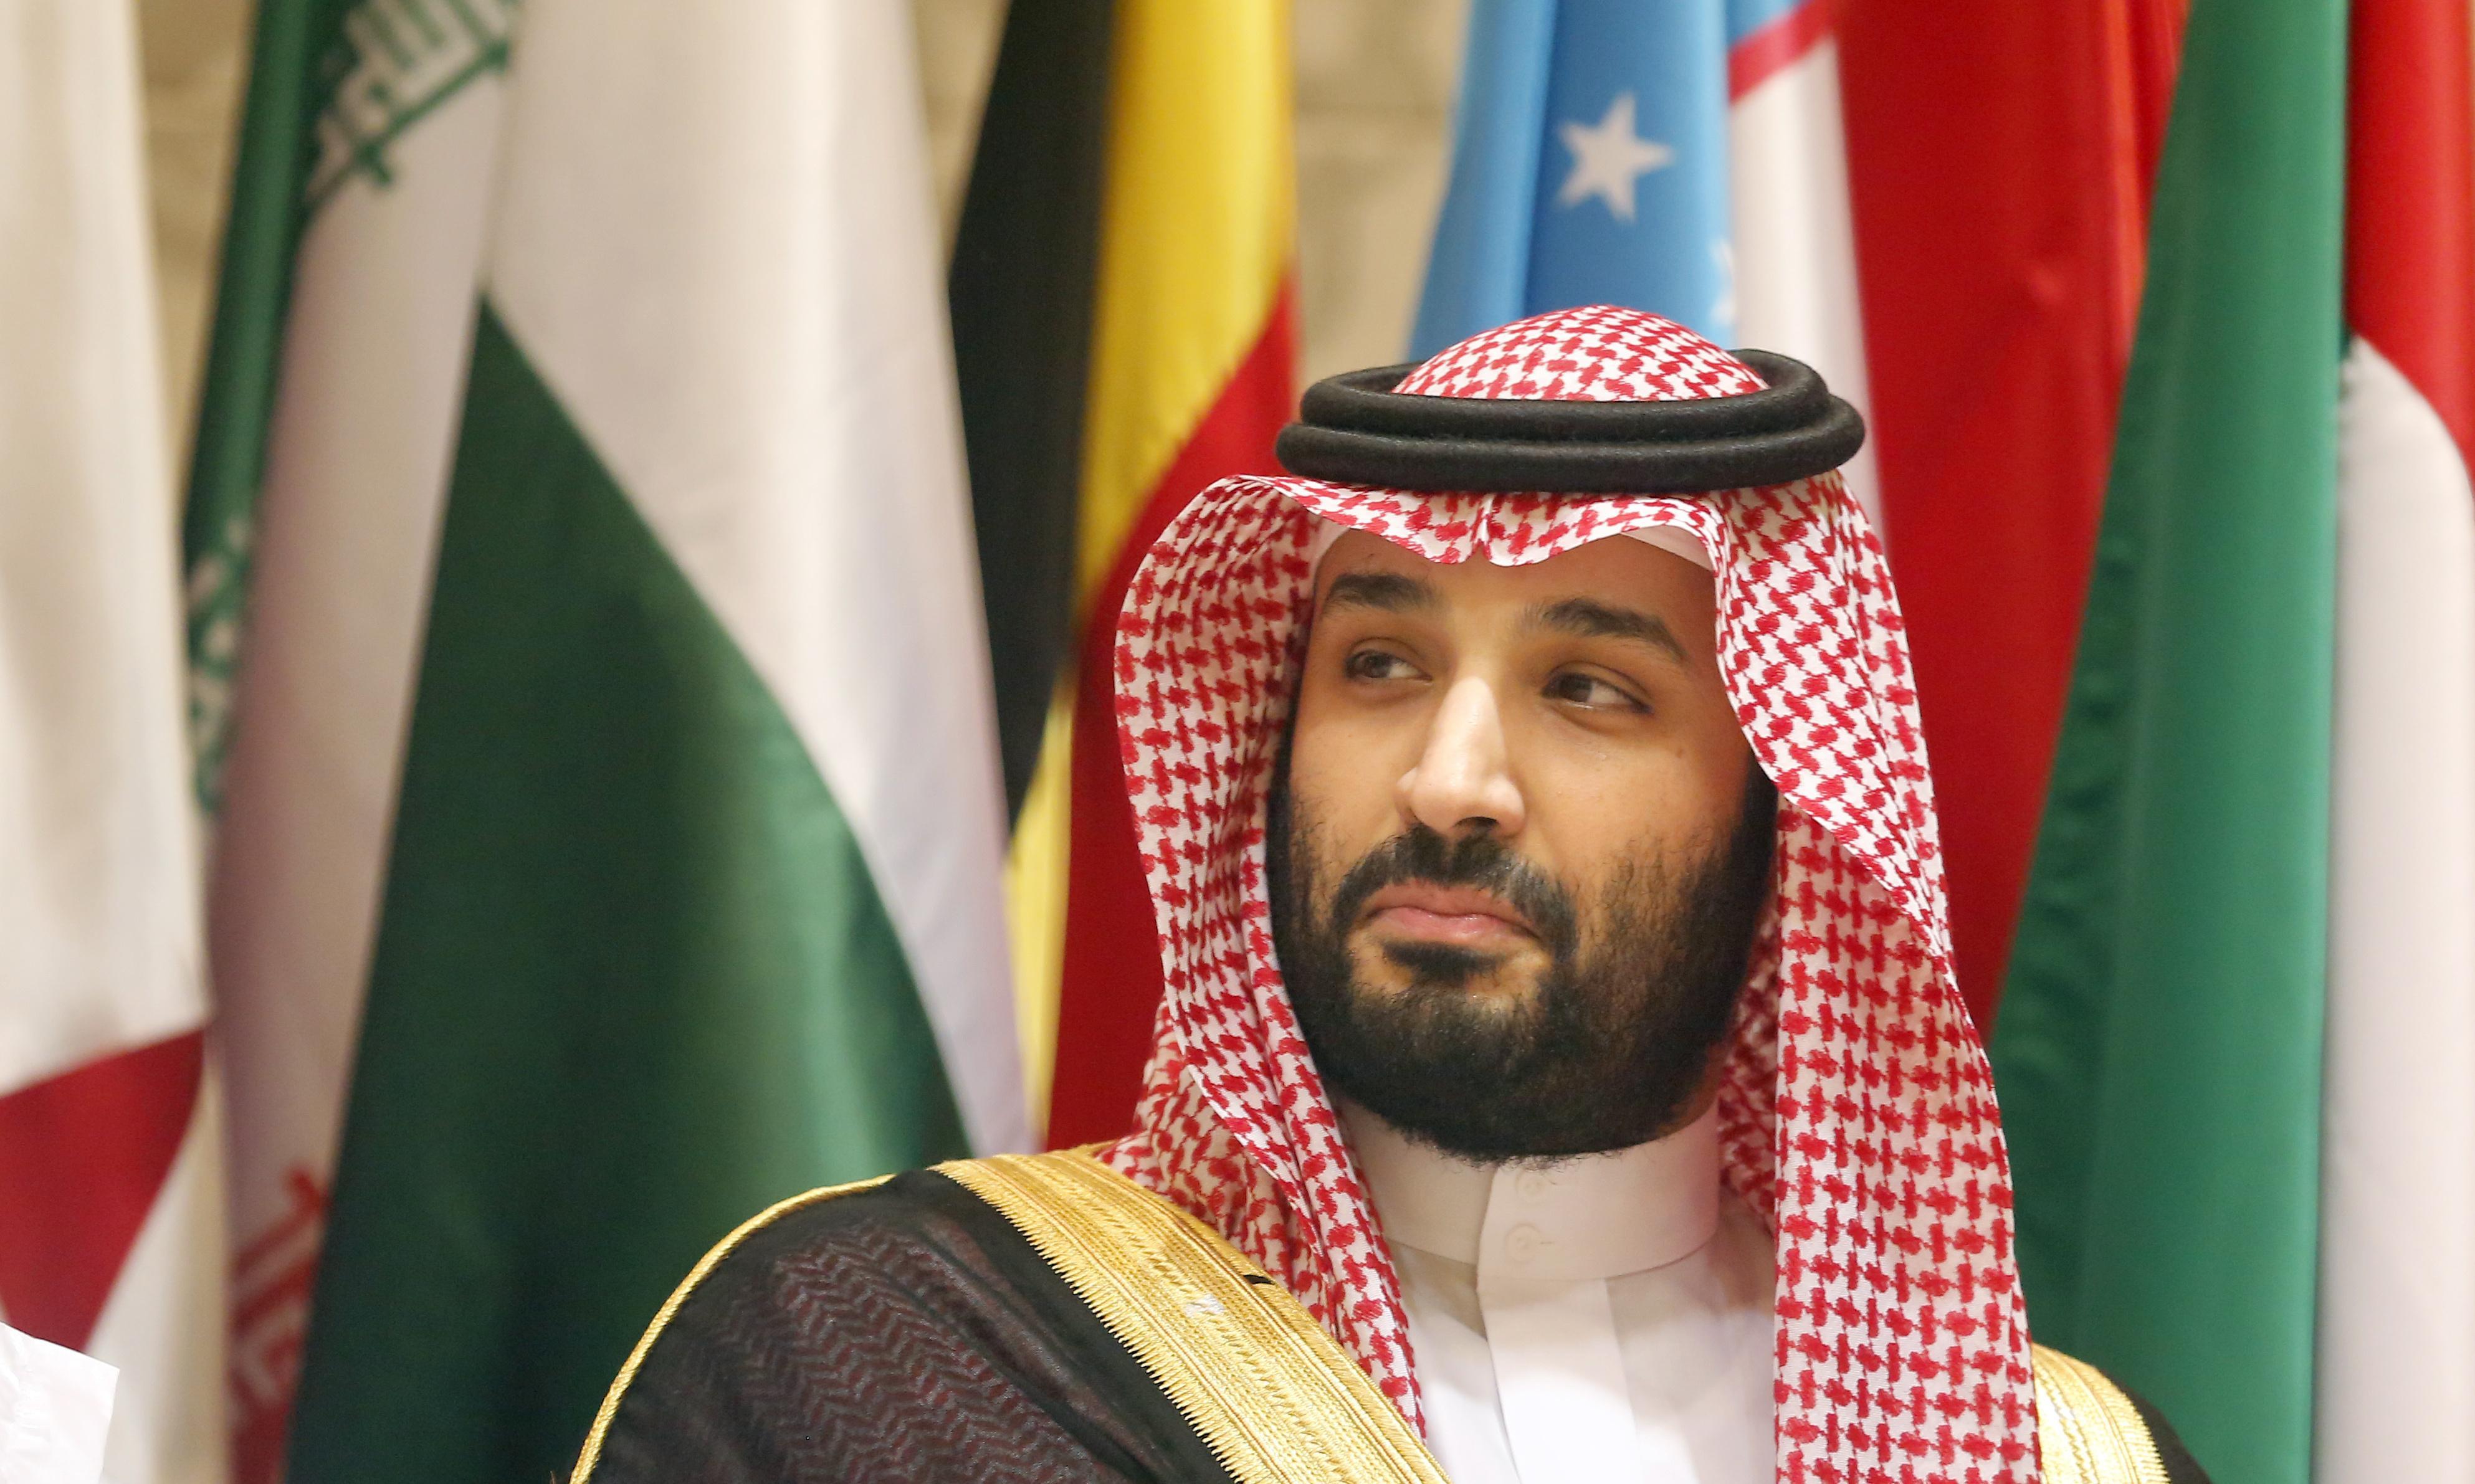 'Credible evidence' Saudi crown prince liable for Khashoggi killing – UN report